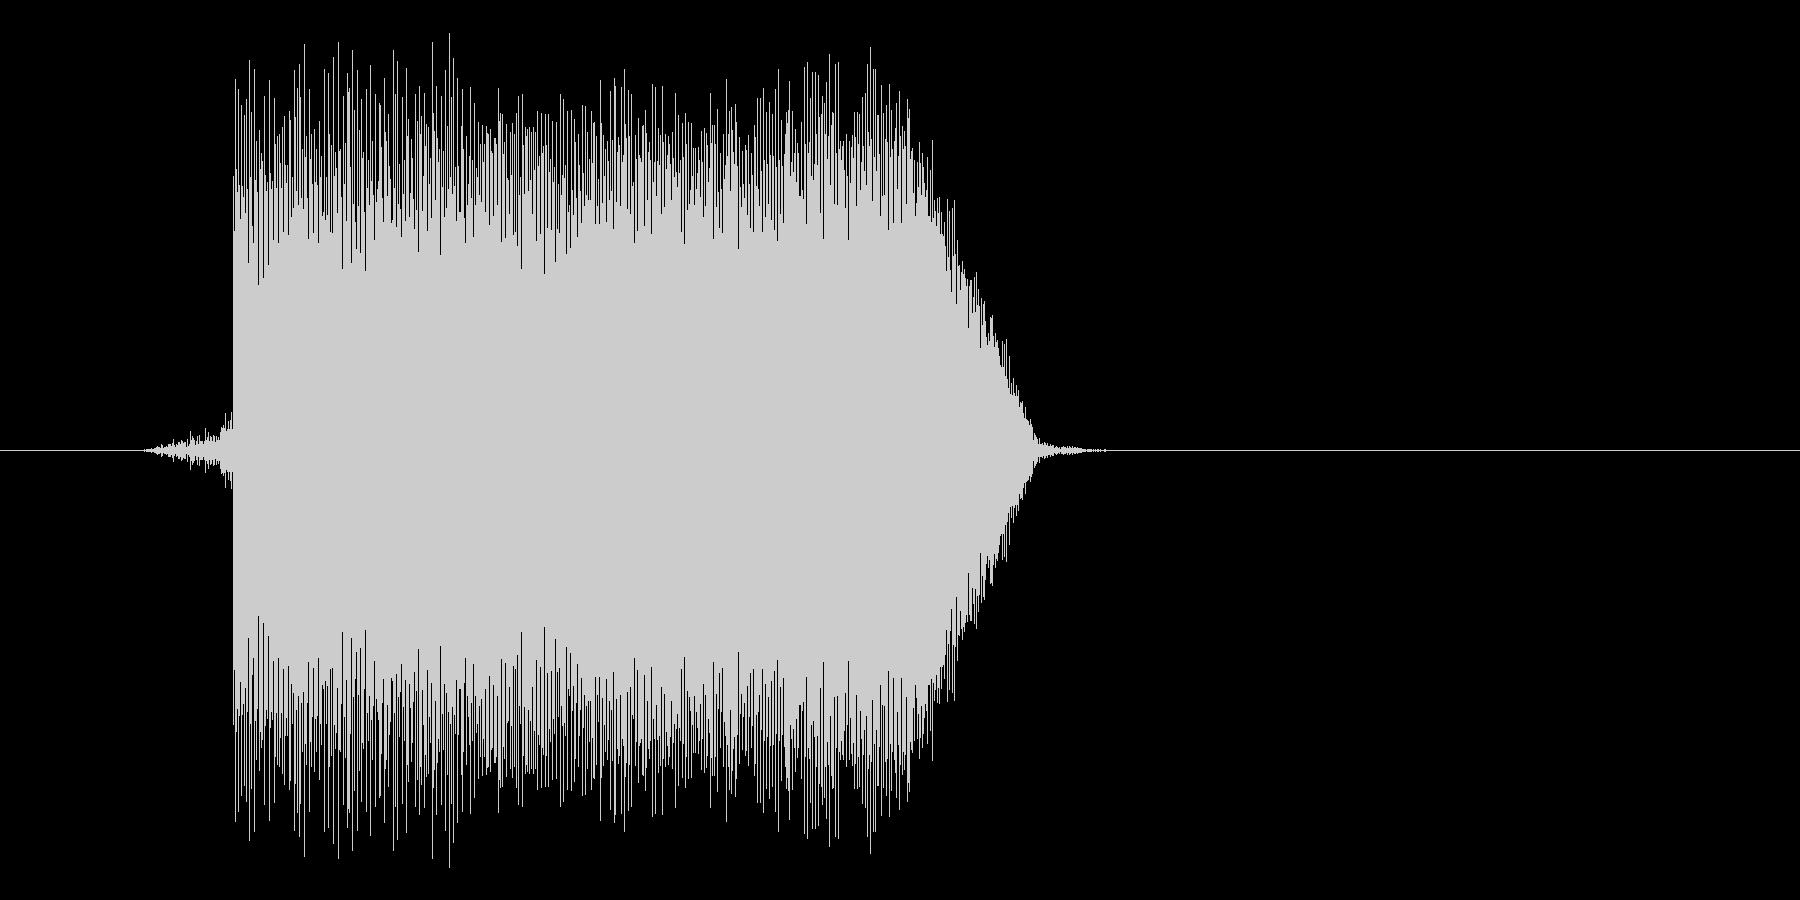 ゲーム(ファミコン風)ジャンプ音_044の未再生の波形